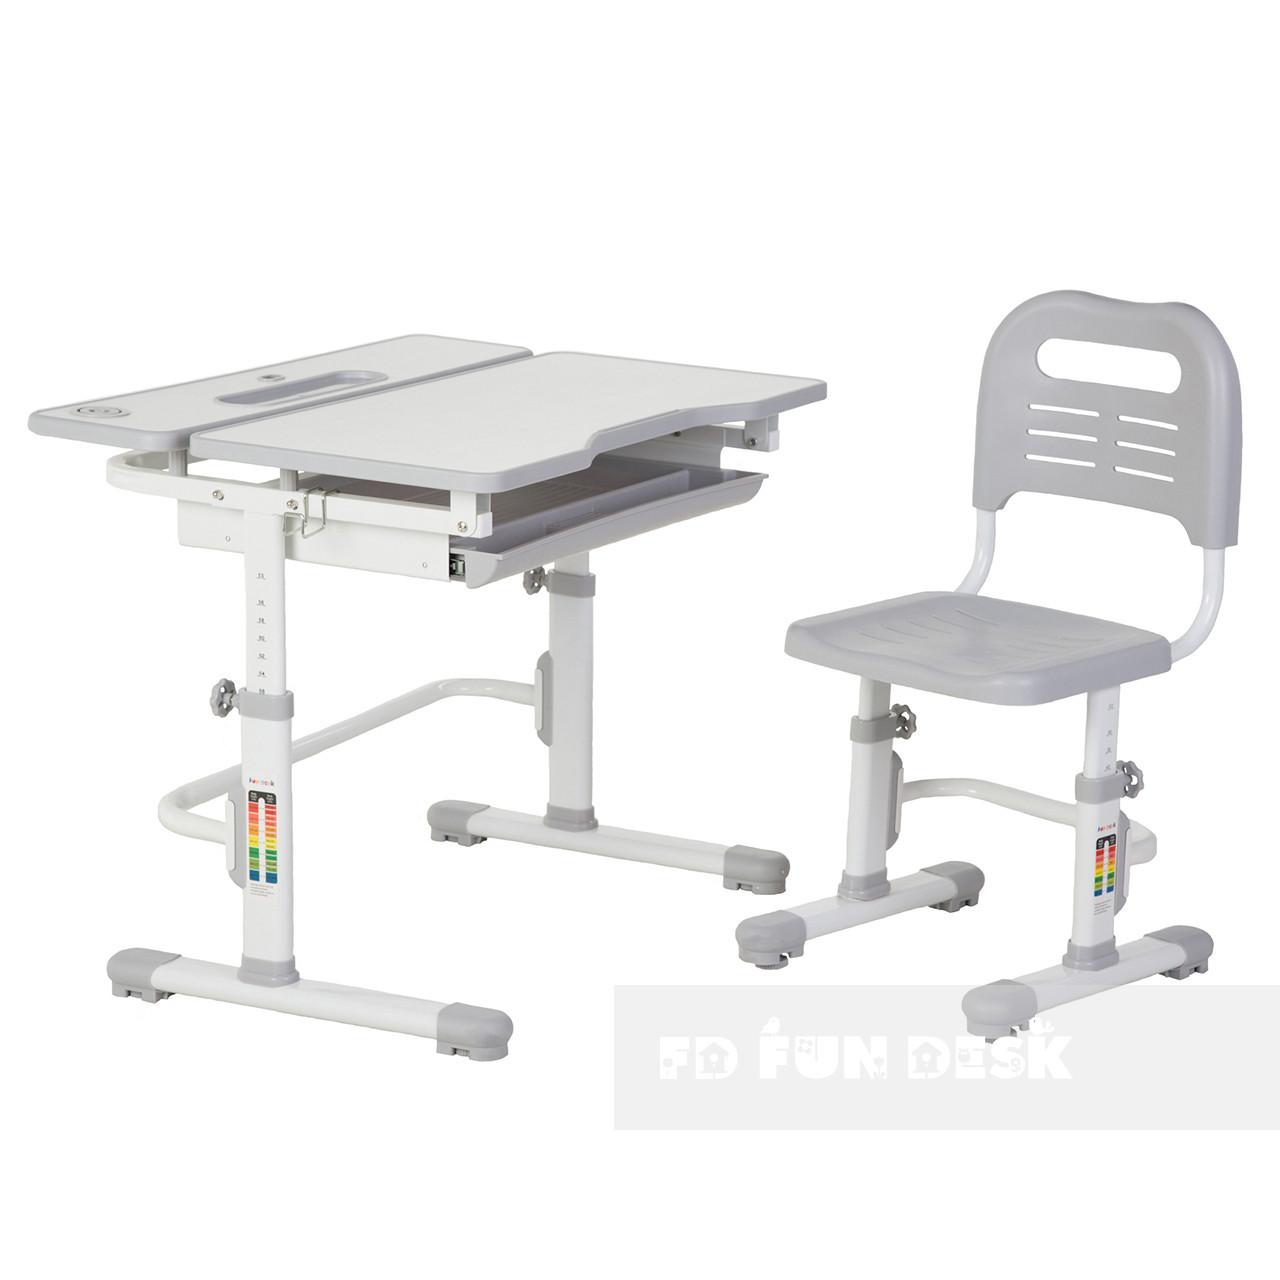 Зростаюча парта + стілець для школяра Fundesk Lavoro Grey - ОПТОМ ДЛЯ ШКІЛ